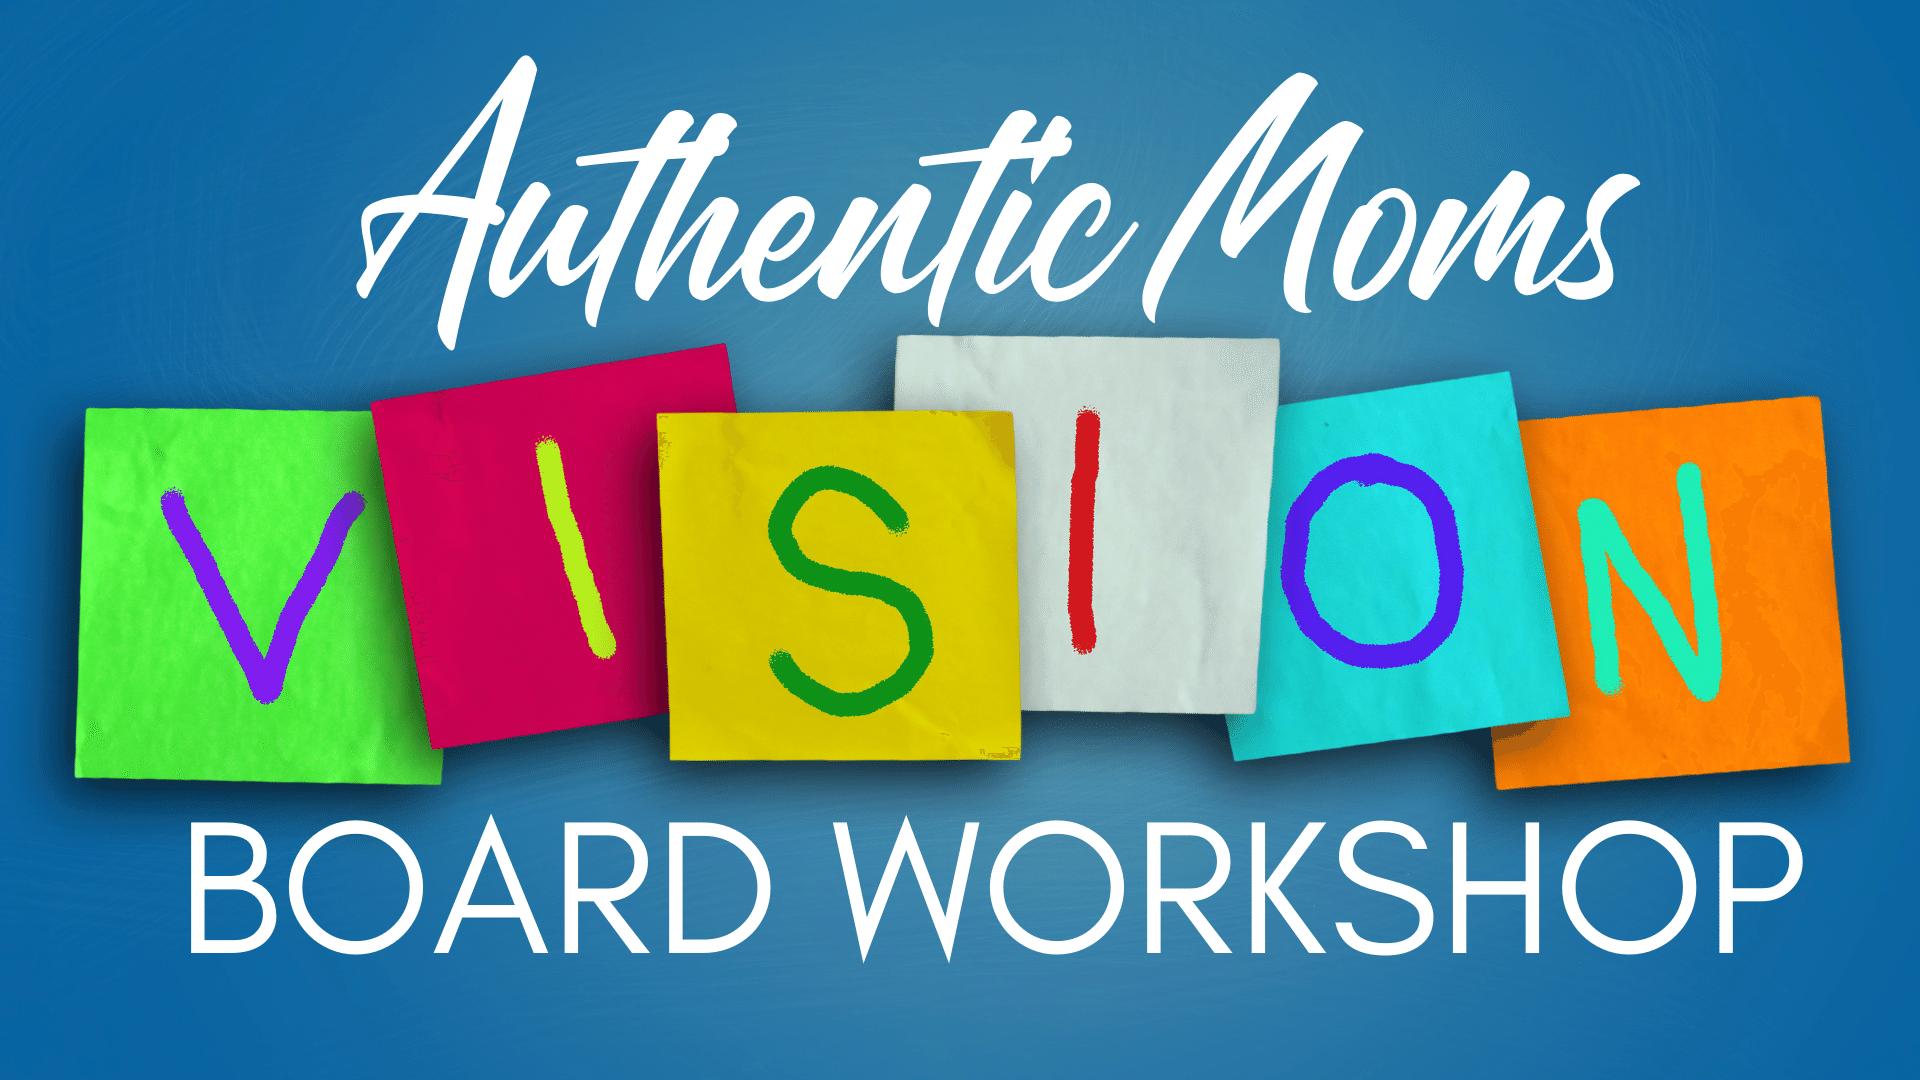 vision board workshop.png